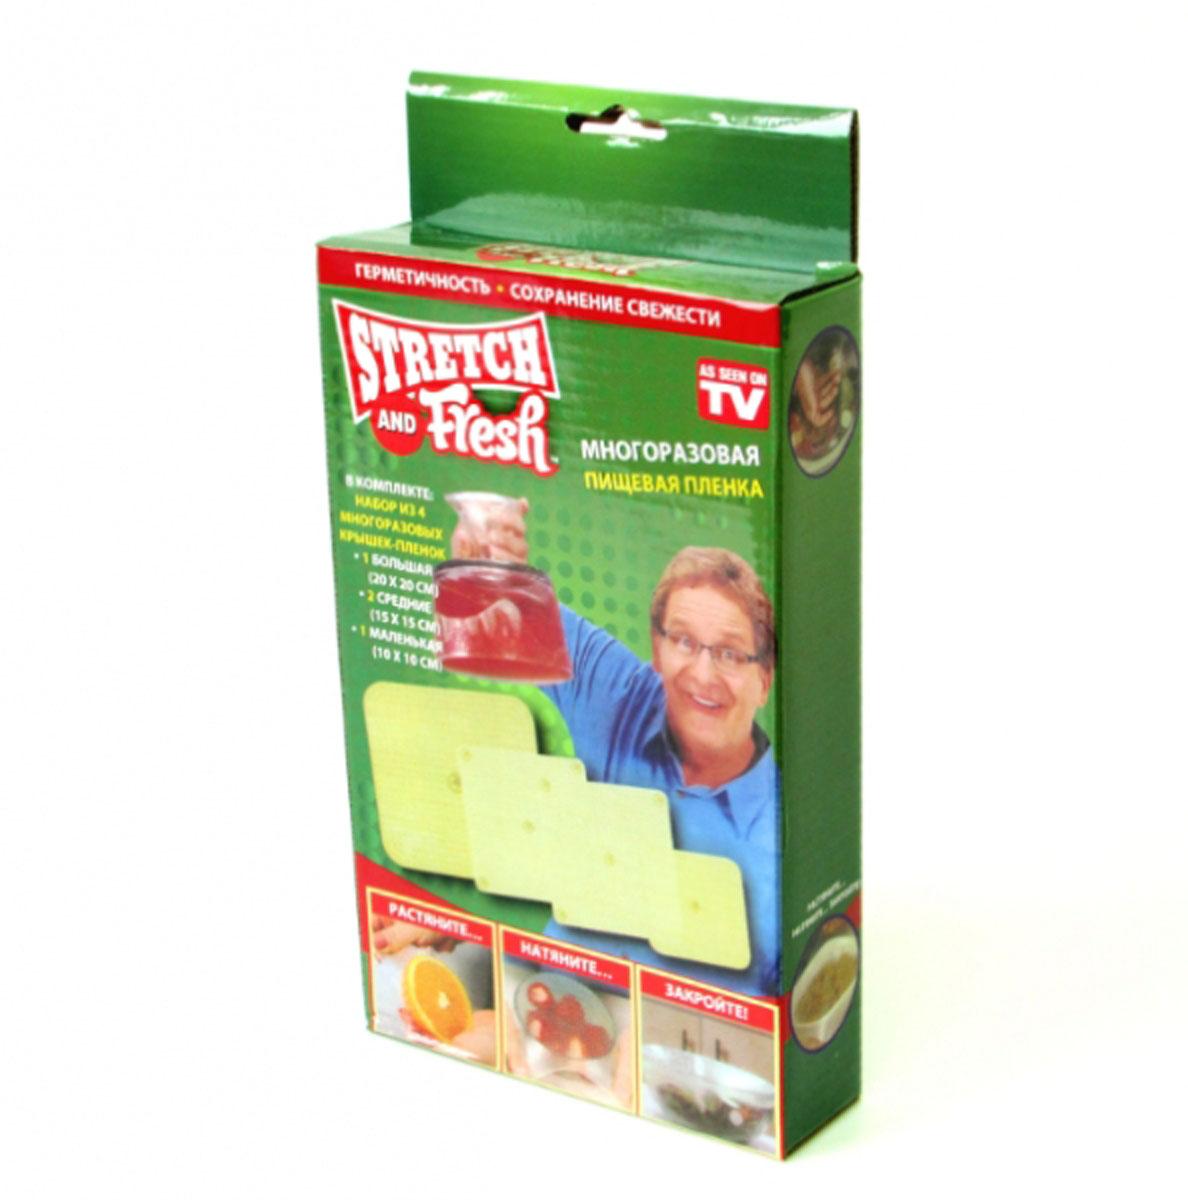 Силиконовая крышка-пленка Stretch and Fresh, 4 шт10180Силиконовые стрейч крышки, которые растягиваются и идеально закрывают любую посуду ( чашки, тарелки, миски, кастрюли) и даже овощи( к примеру арбуз или дыню). Эта крышка-плёнка Stretch and Fresh очень хорошо тянется, за счёт спользования особого пищевого платинового силикона. Она плотно прижимается к краям посуды и создаёт герметичное пространство внутри. Сама она прозрачная и вы легко увидите, что внутри. Теперь вы забудете про фольгу, тонкую плёнку, которая постоянно рвётся. Натянул Stretch and Fresh и полный порядок.Преимущества стрейч крышки: Идеальная герметичная стрейч плёнка, в комплекте три размера, многократное использование, легко моется, имеет три размера, что позволяет закрывать предметы различного размера, позволяет закрывать как круглые так и квадратные и прямоугольные предметы, можно герметично закрыть арбуз, дыню или любой другой твёрдый овощ или фрукт, изготовлены из высококачественного пищевого силикона. Как правильно пользоваться крышками:Протрите салфеткой или тряпкой до суха края посуды, начинайте натягивать крышку с одного края, после того как натянули крышку, немного придавите сверху, чтобы создать небольшую вогнутость. Размеры и комплектация:20 см. на 20 см. --- 1 шт.14 см. на 14 см. --- 2 шт.10 см. на 10 см. --- 1 шт.